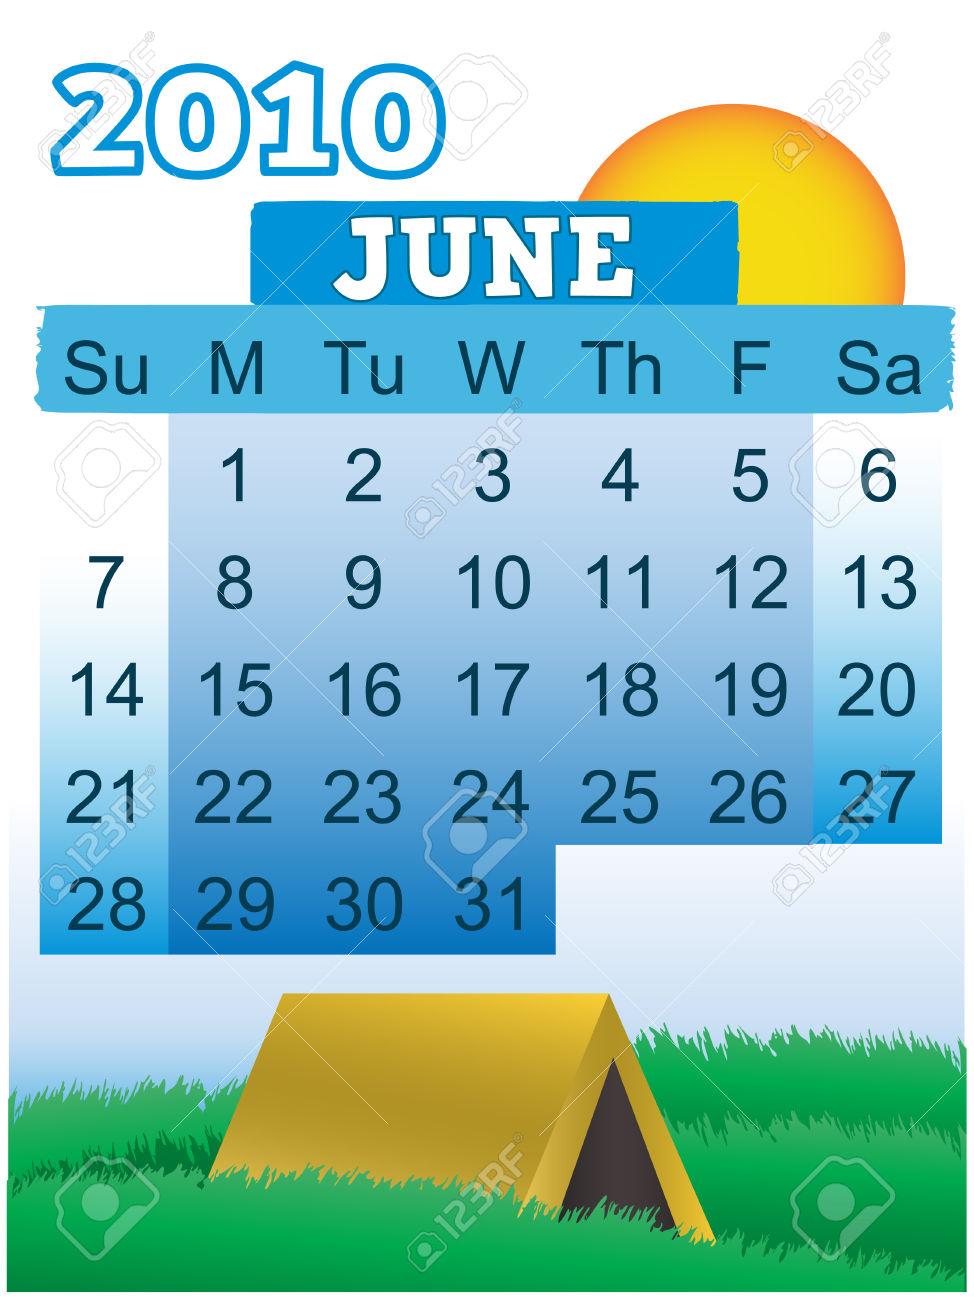 June calendar theme clipart vector transparent library June 2010 Month Calendar Summer Camping Theme Royalty Free ... vector transparent library